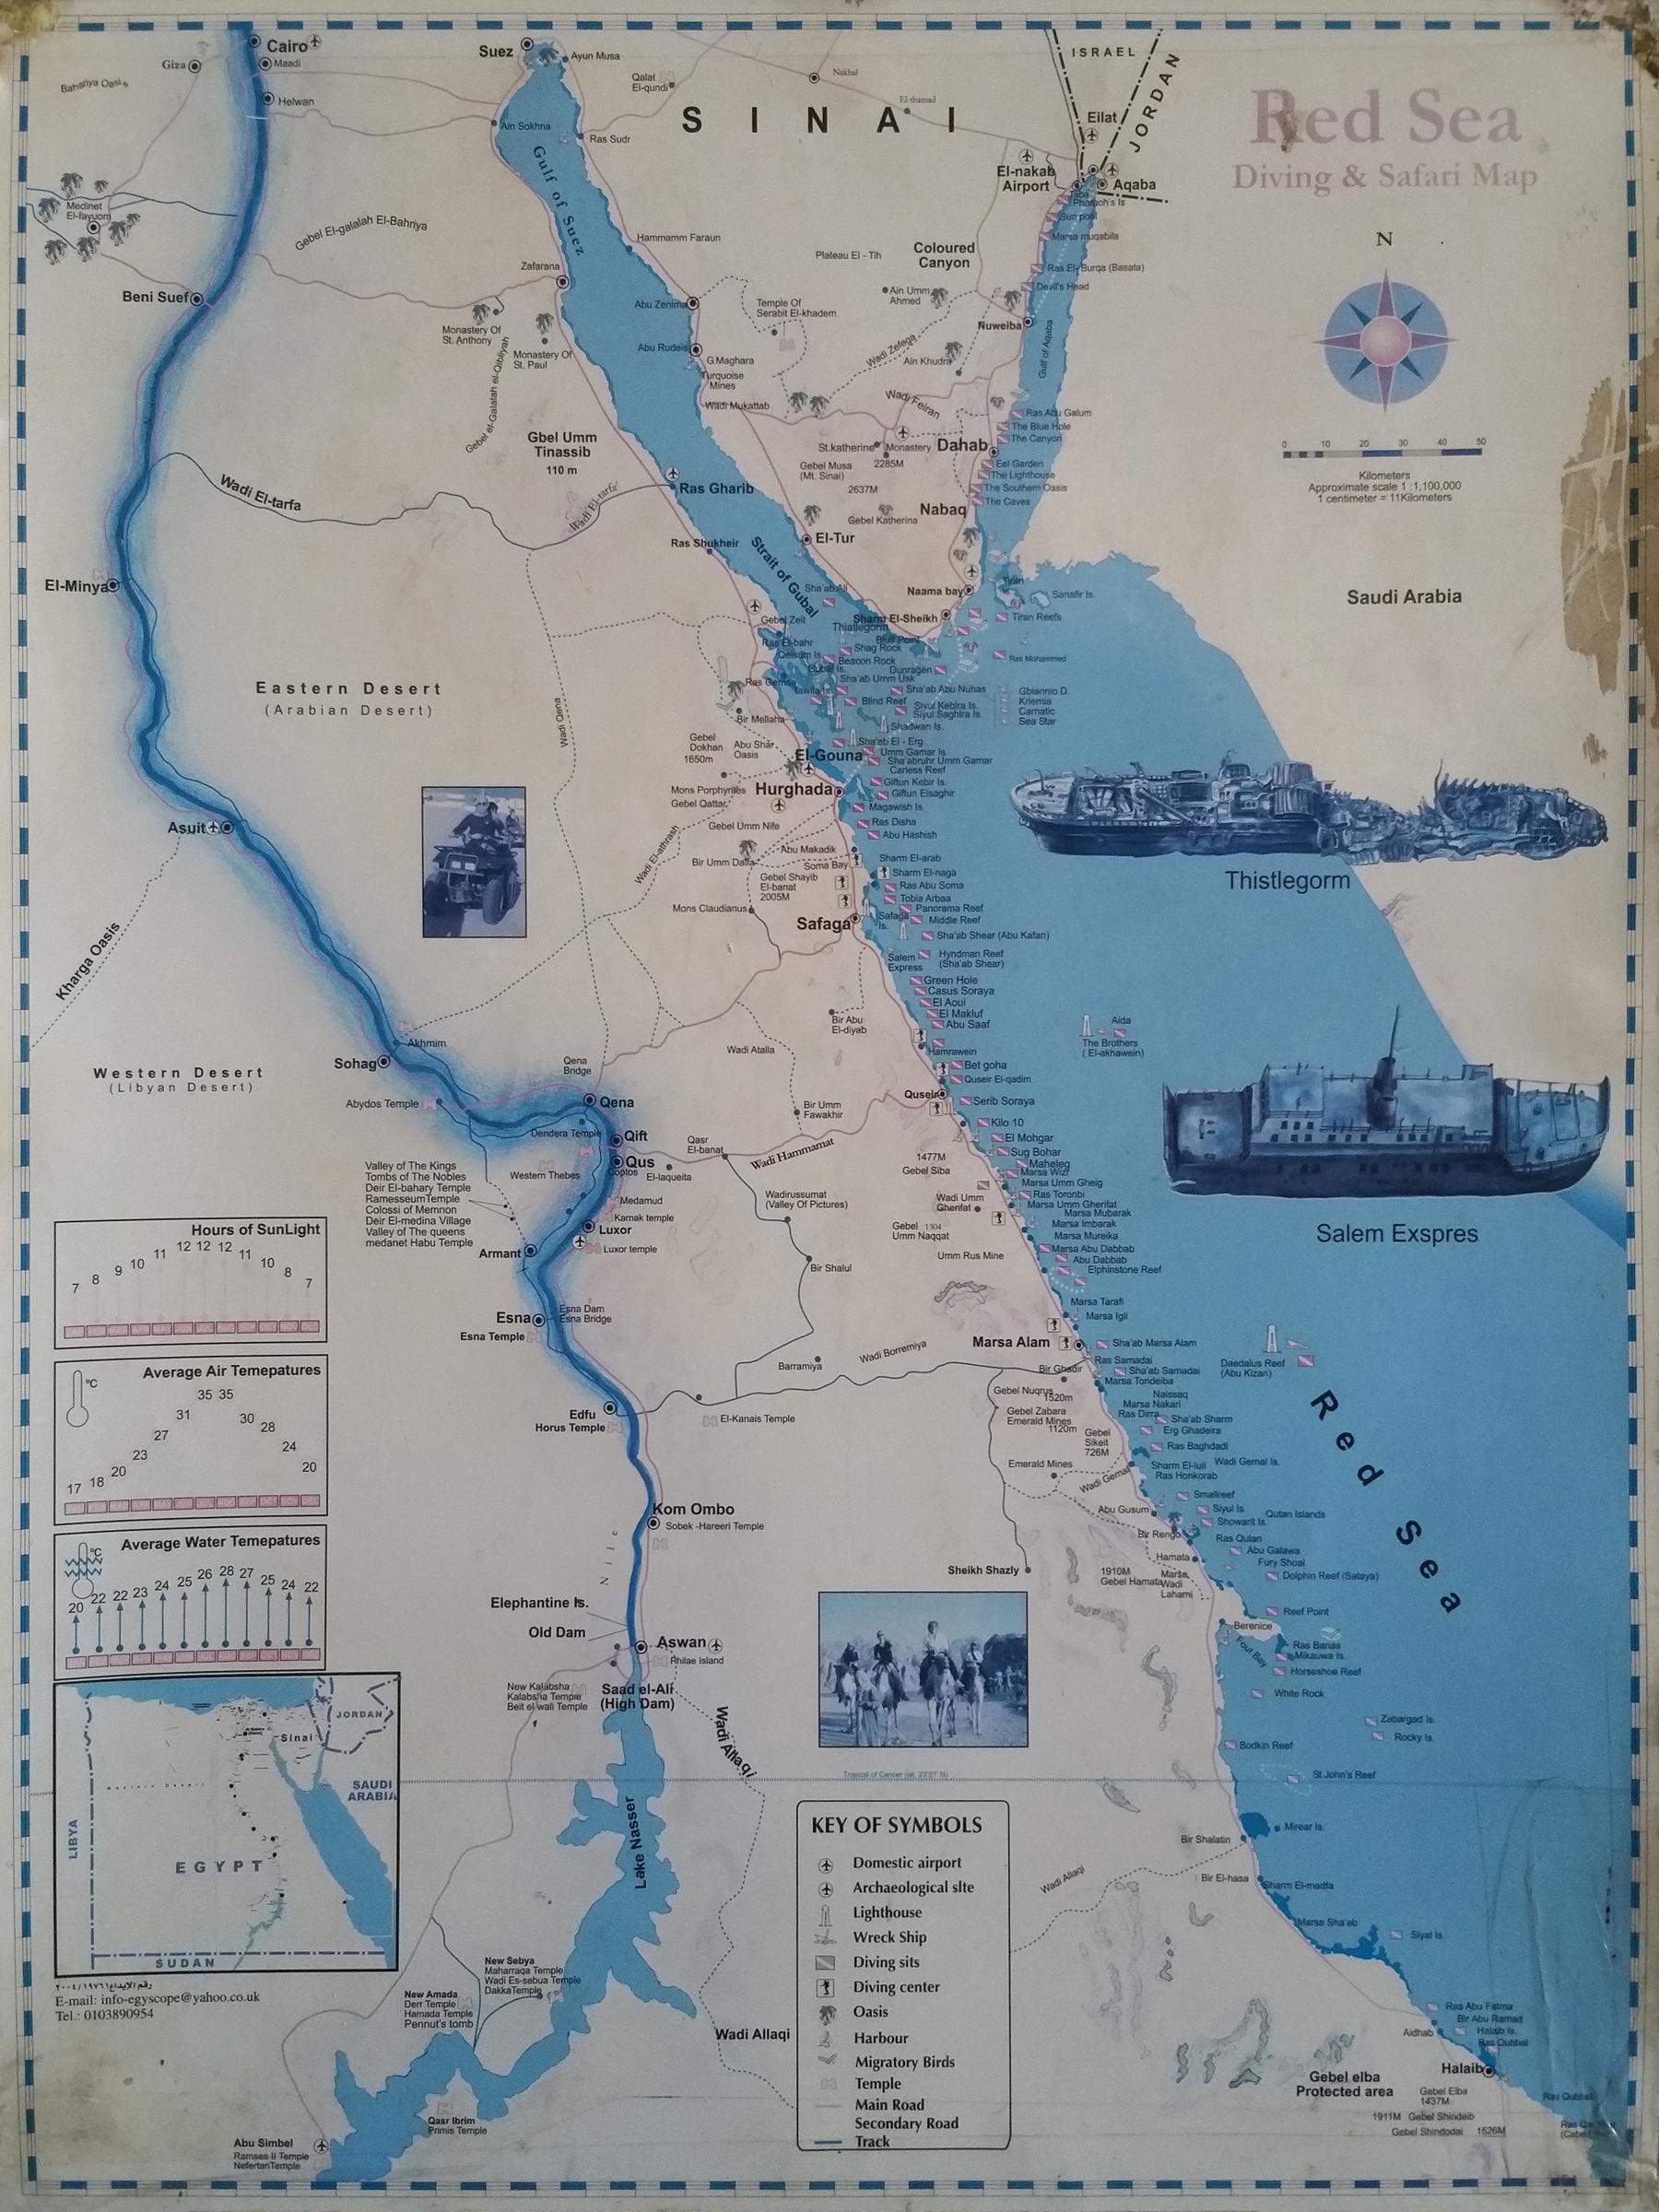 L'Egypte et la Mer Rouge